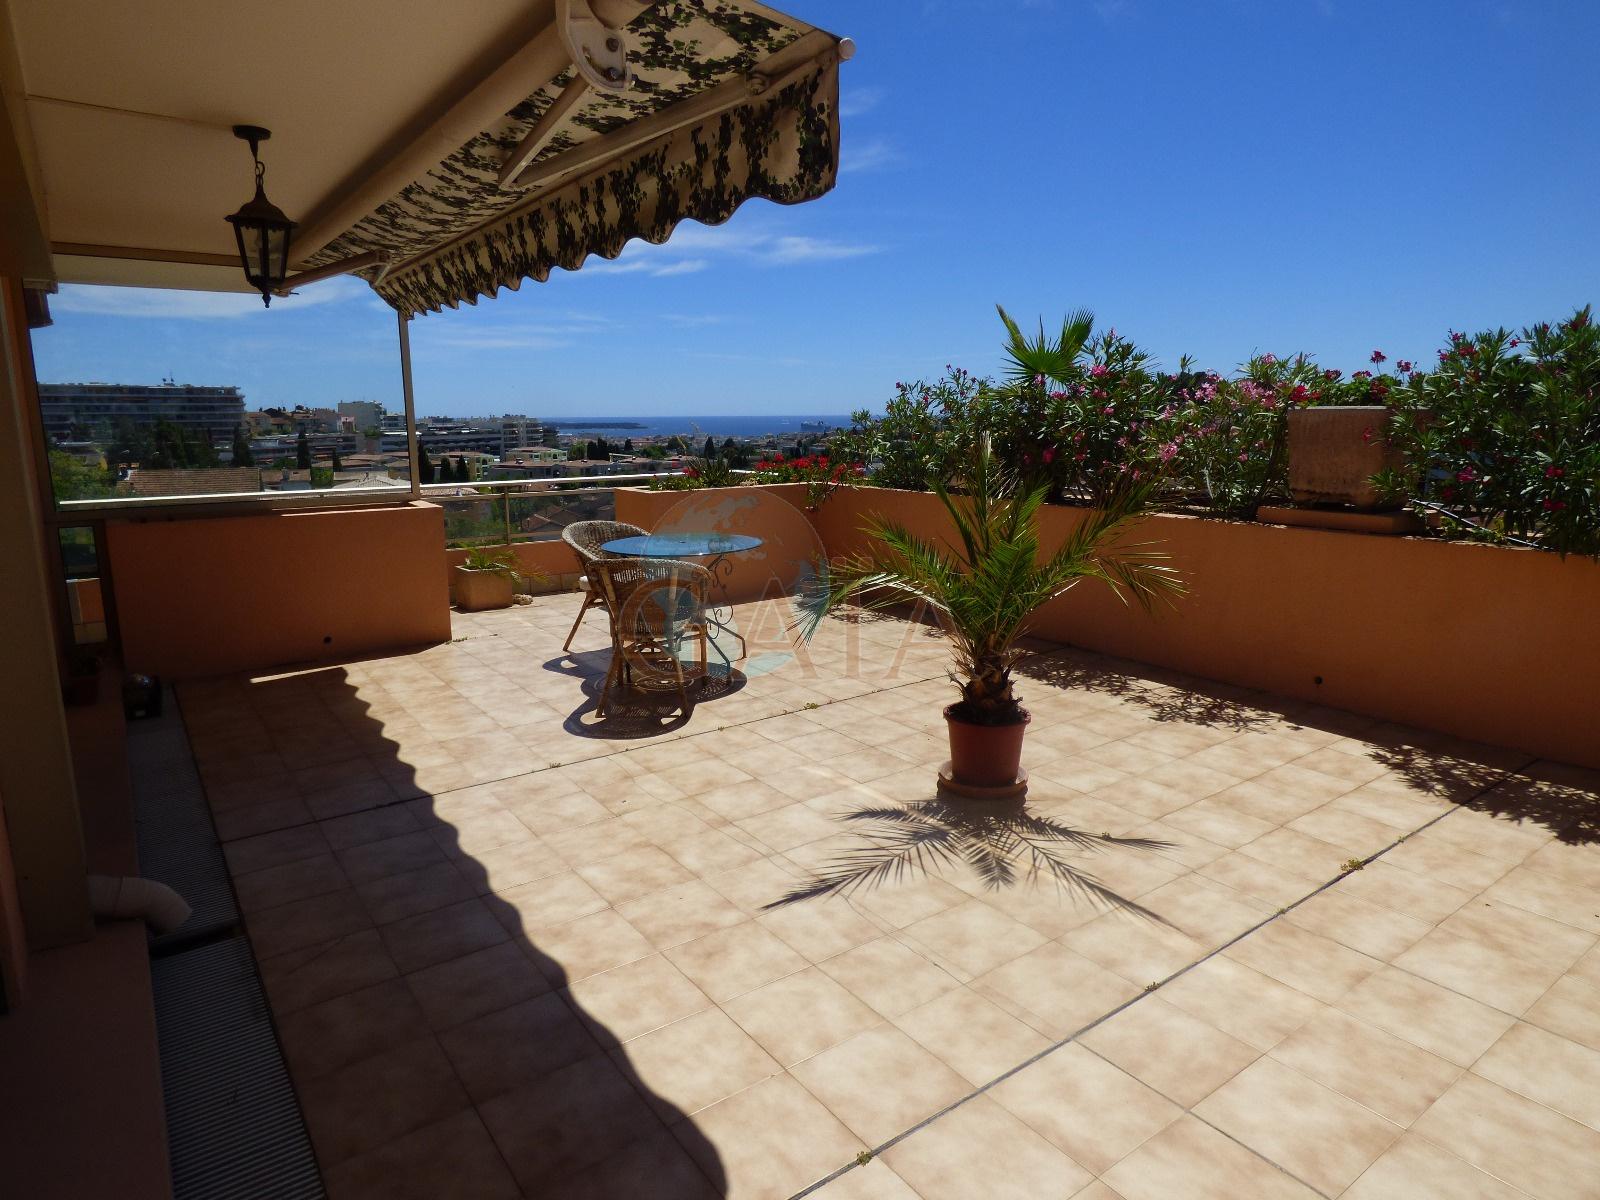 Le cannet toit terrasse avec vue mer panoramique piscine - Euro plomberie piscine le cannet ...